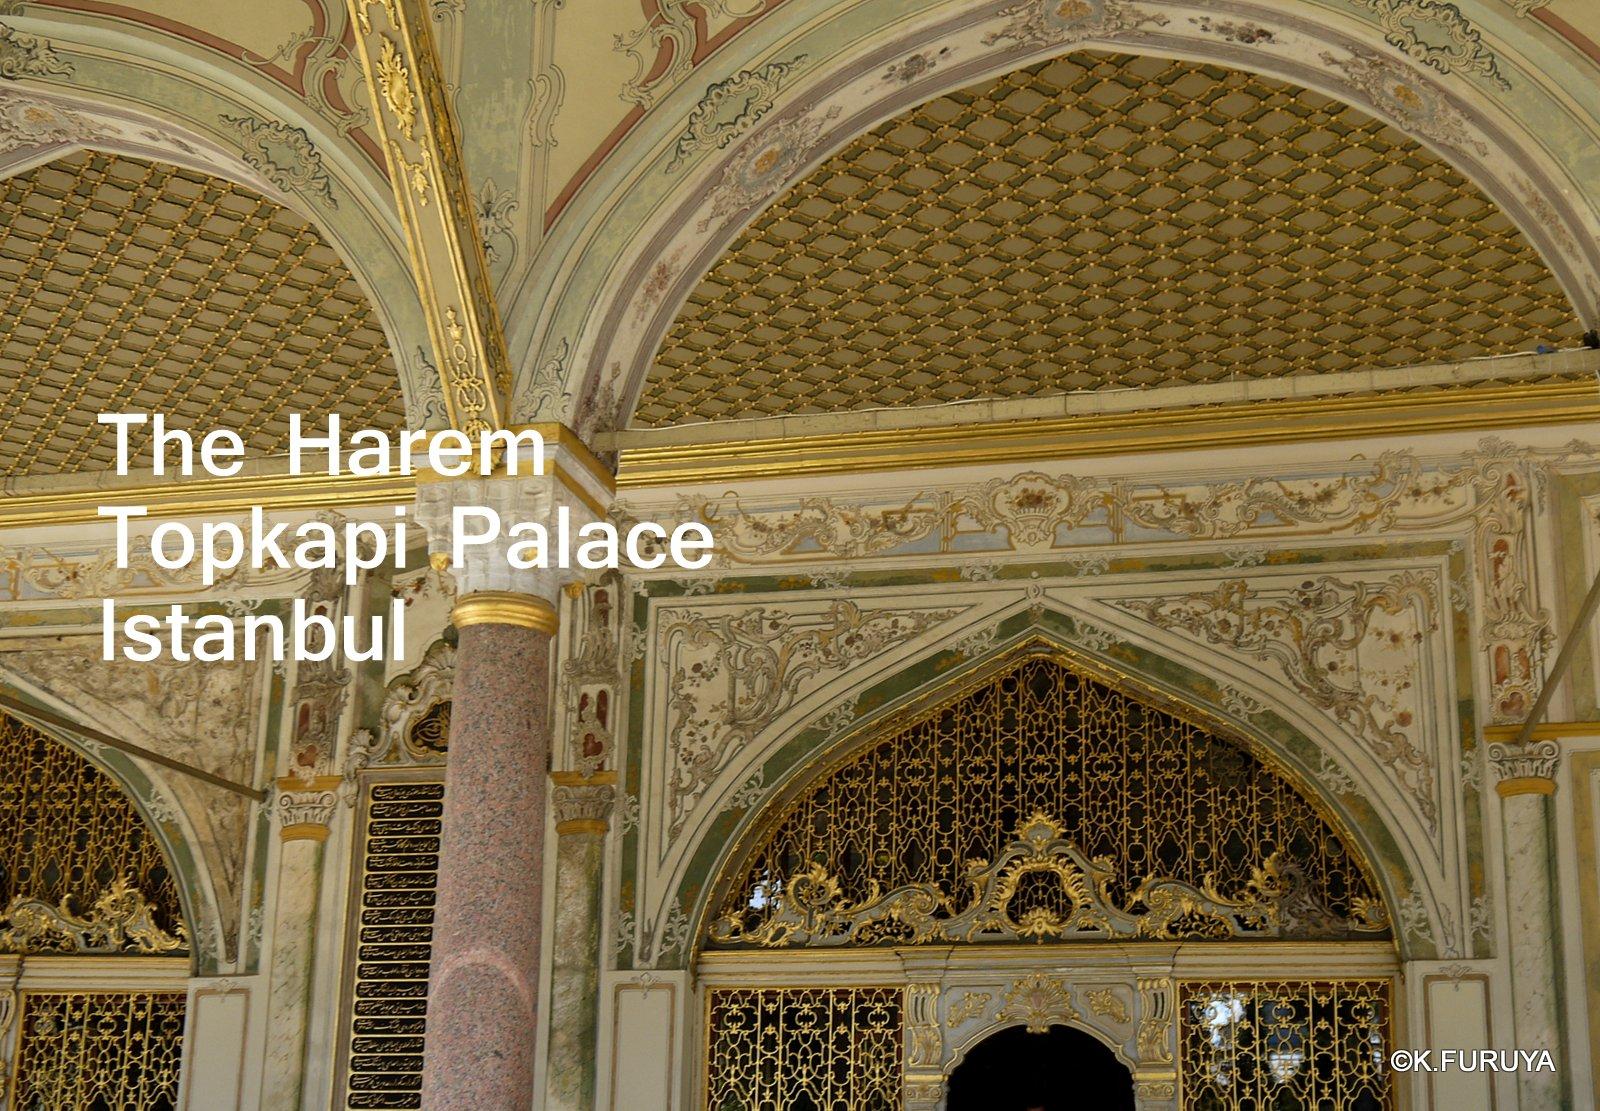 トルコ旅行記 35 トプカピ宮殿Ⅱ ハレム_a0092659_104390.jpg